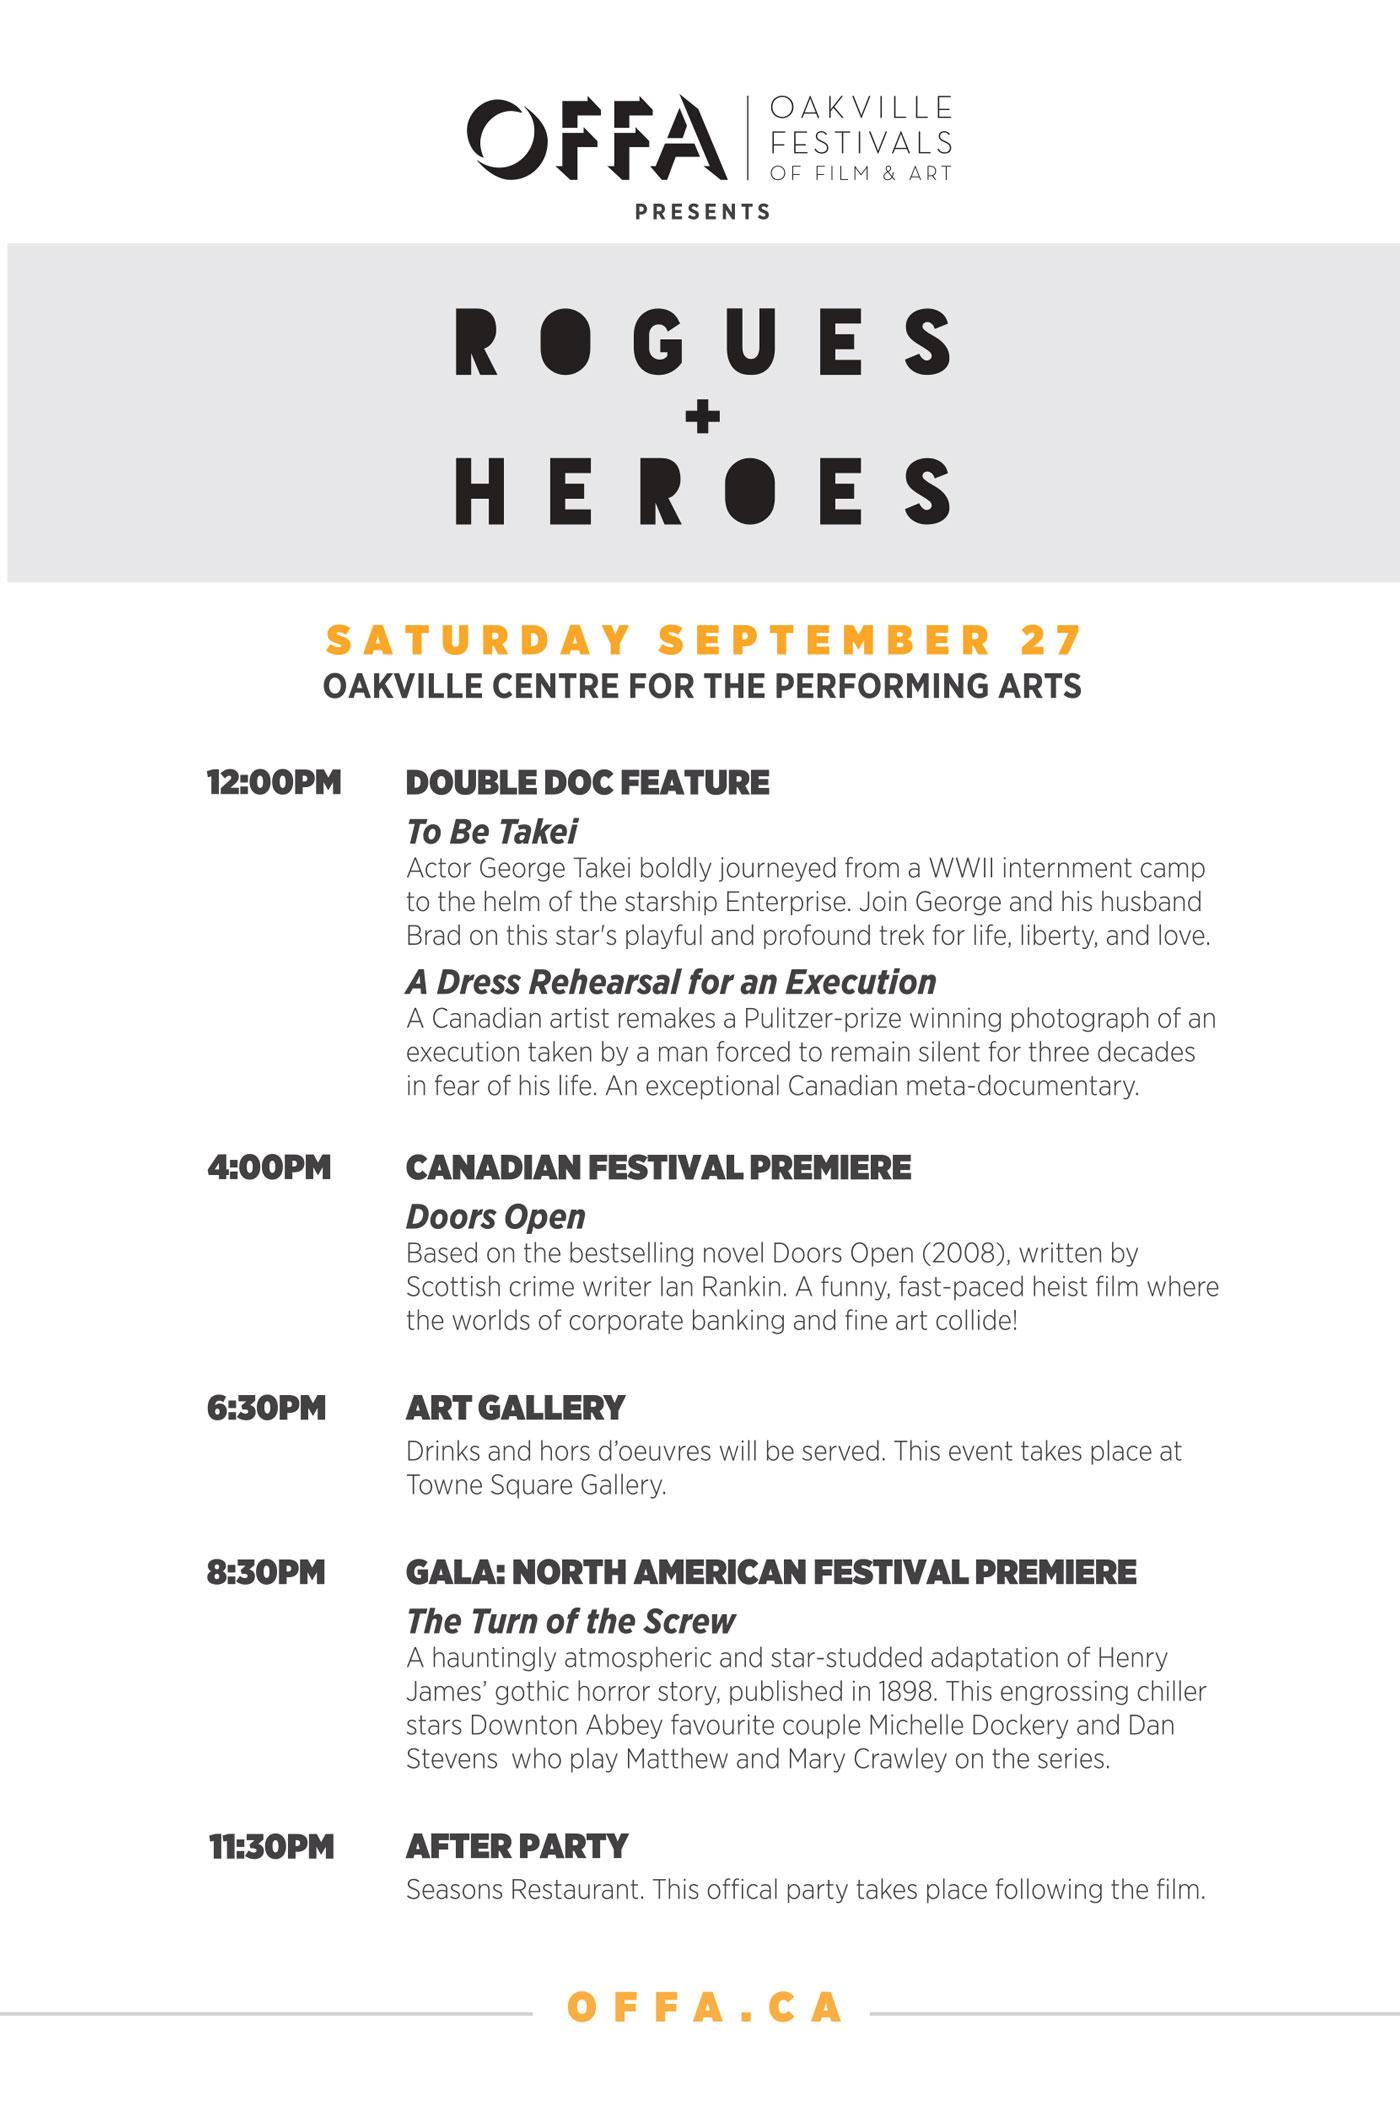 Festival 2014 oakville festivals of film and art festival 2014 program hexwebz Gallery